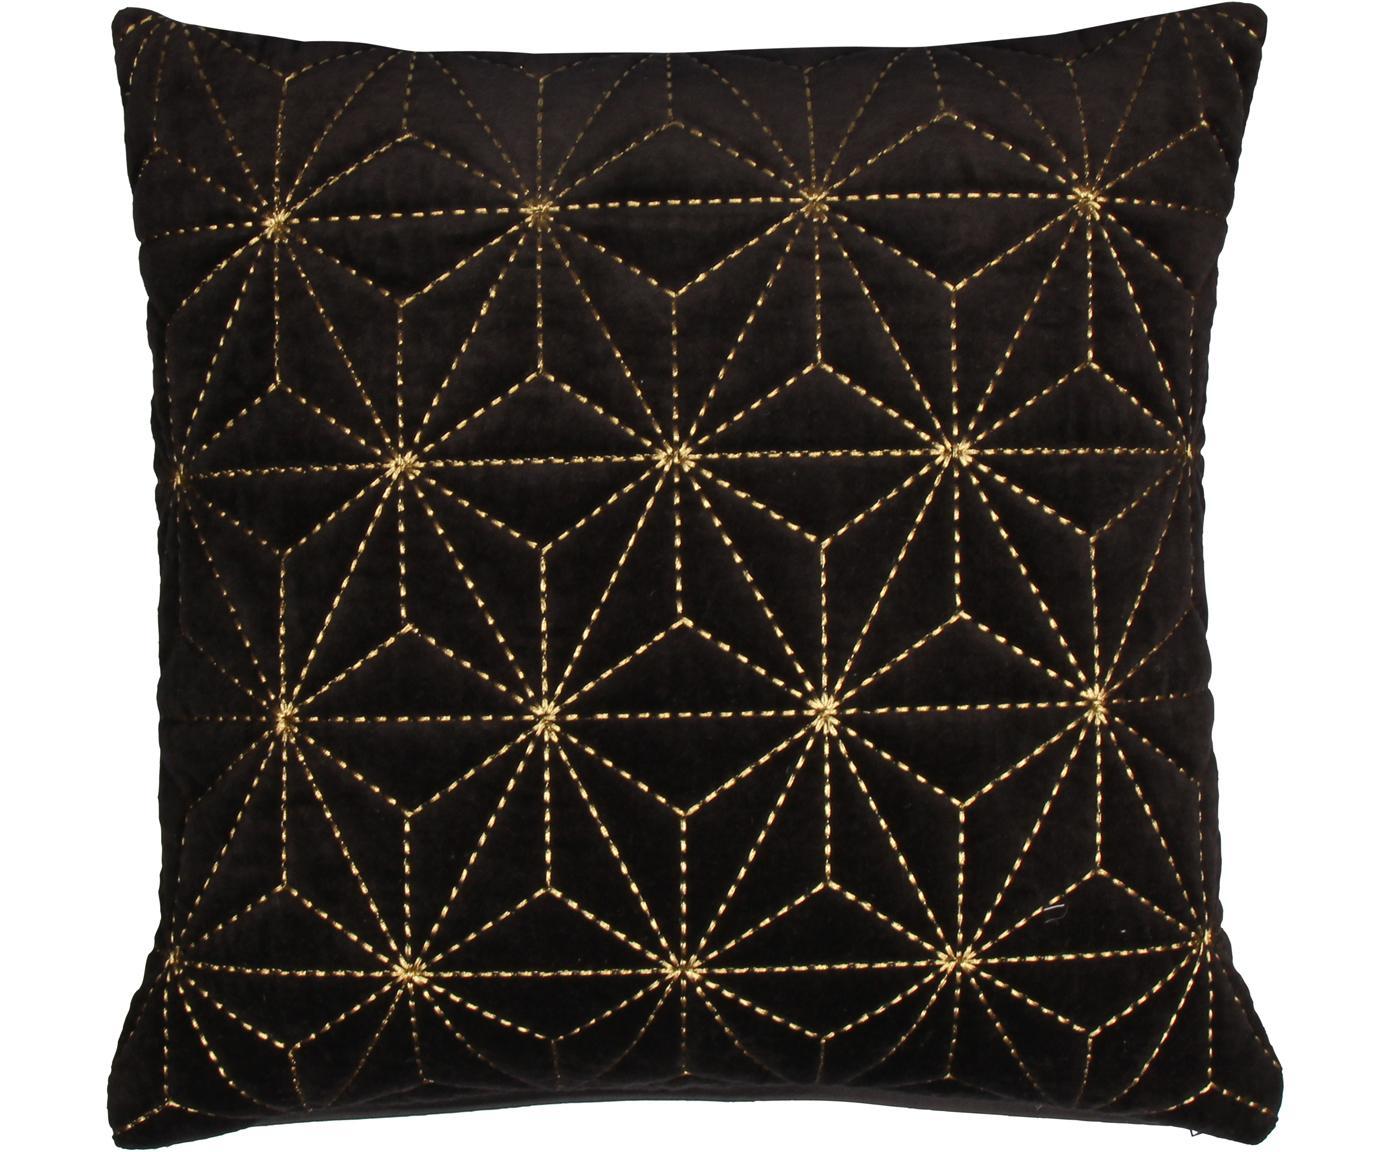 Kussenhoes Sari met gouden borduurwerk, Katoen, Zwart, goudkleurig, 45 x 45 cm